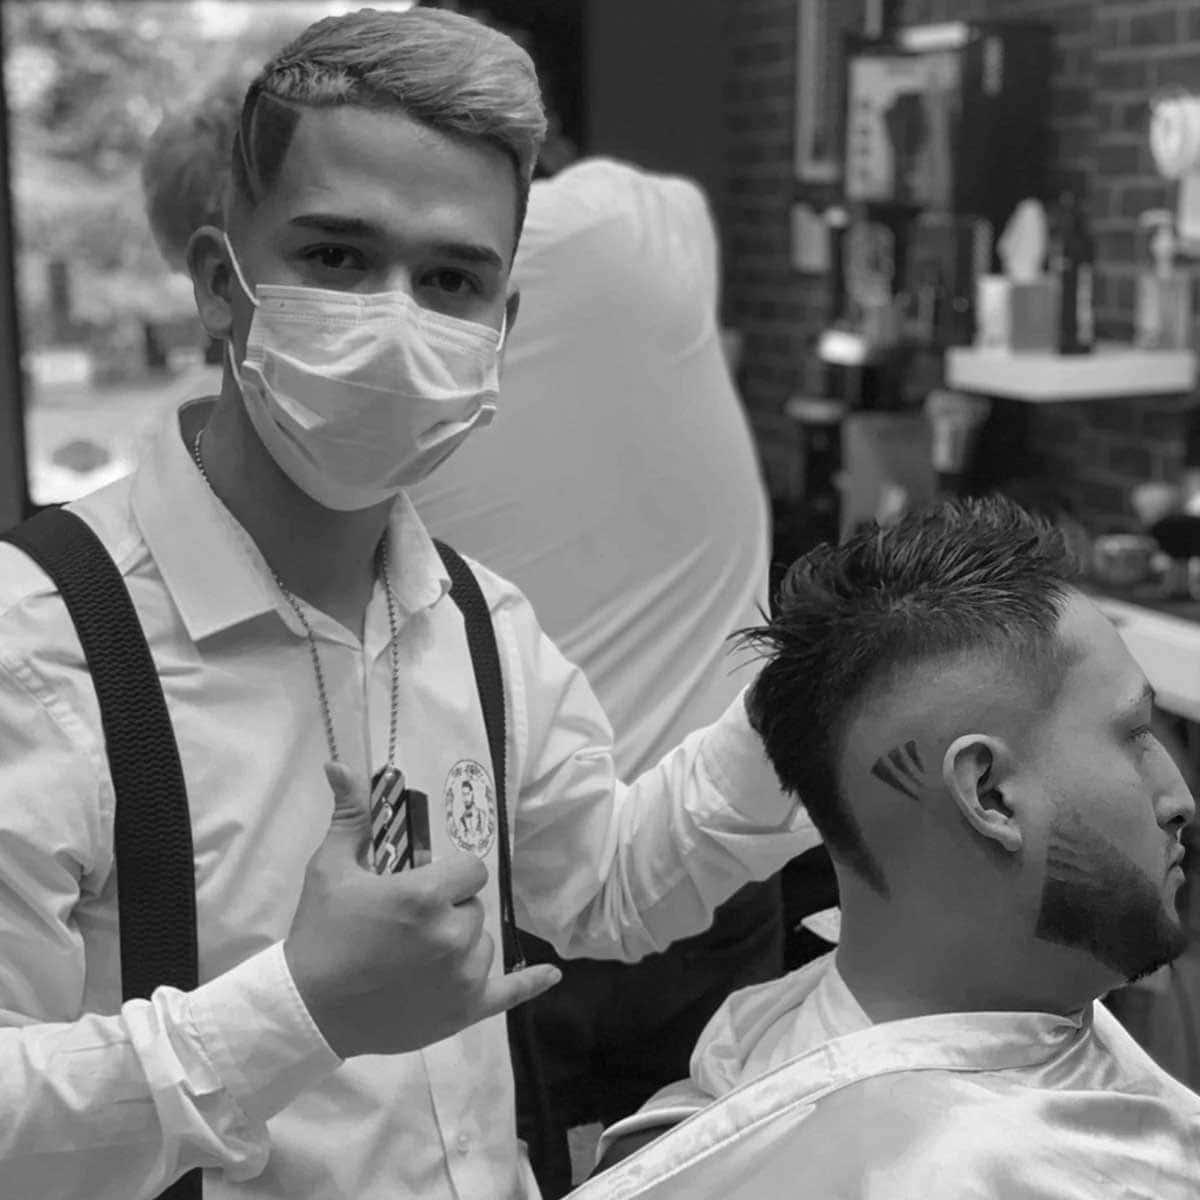 Diseño de raya con navaja en la barbería YB New Style Barber Shop Madrid